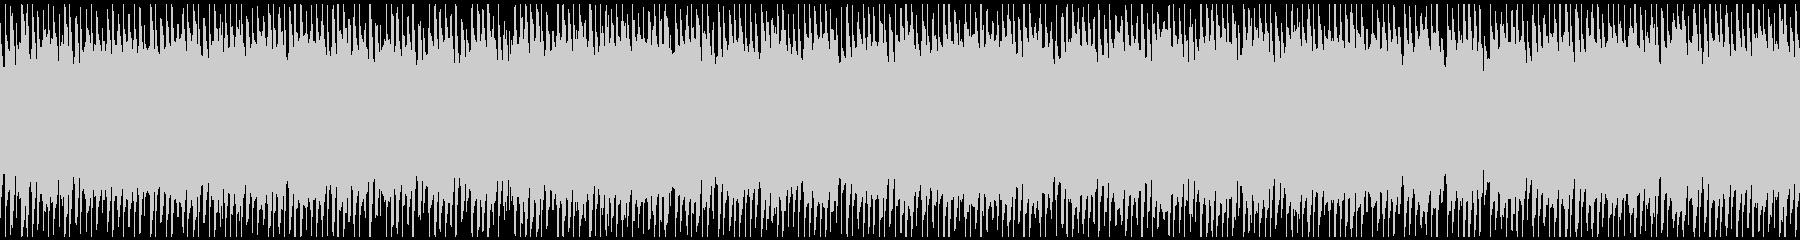 単調/ループ/静かなピアノアルペジオの未再生の波形